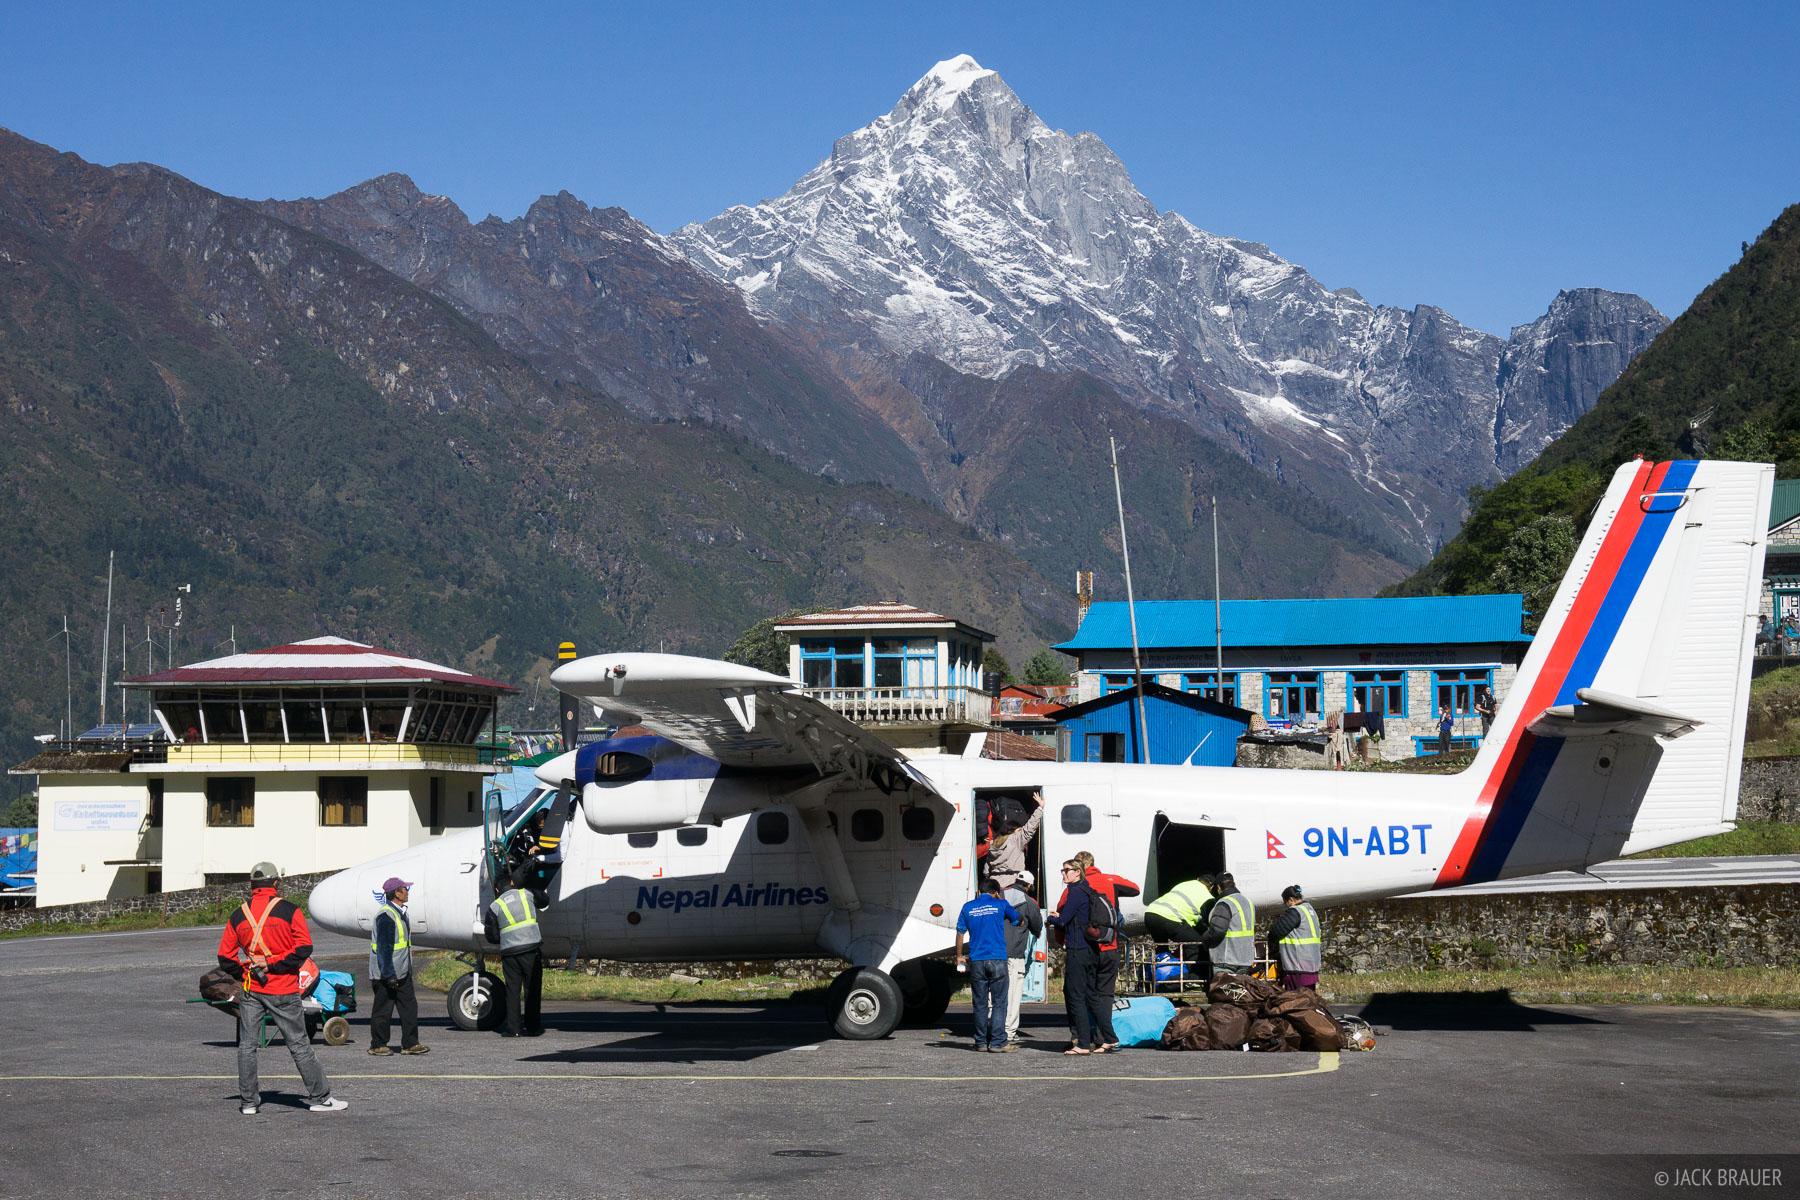 Himalaya,Khumbu,Lukla,Nepal, airport, photo